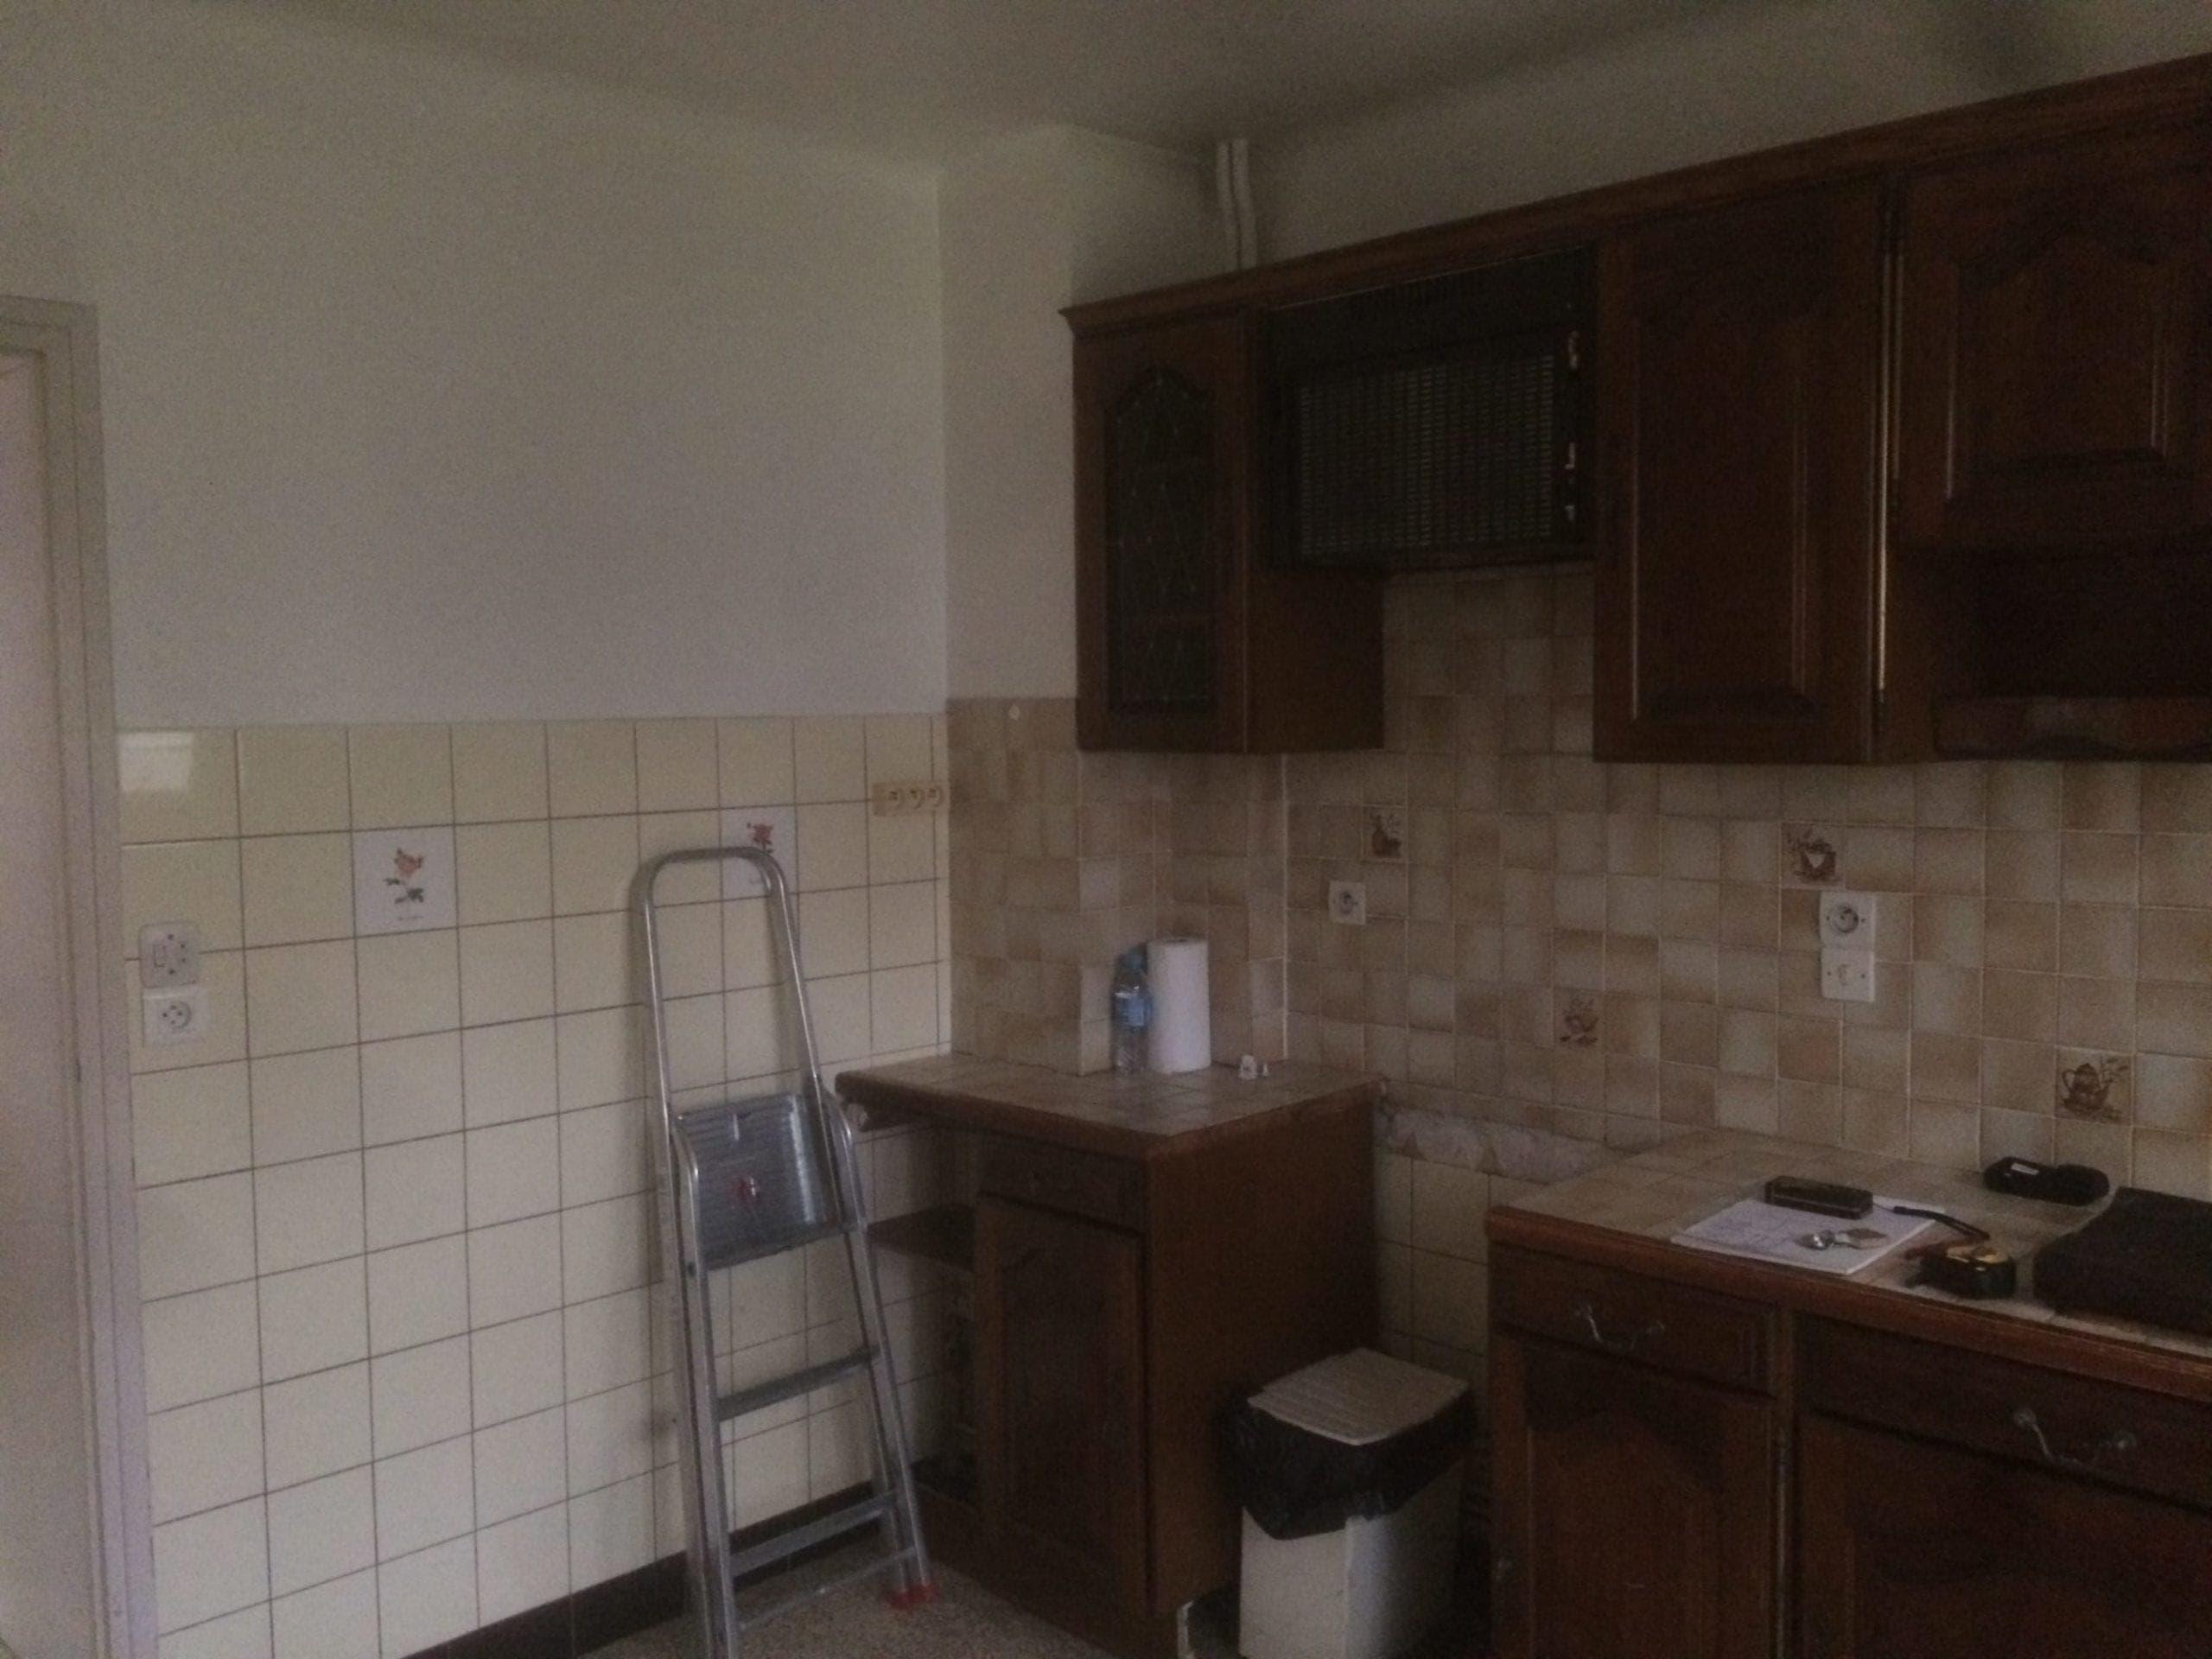 cuisine-avant-travaux-de-renovation